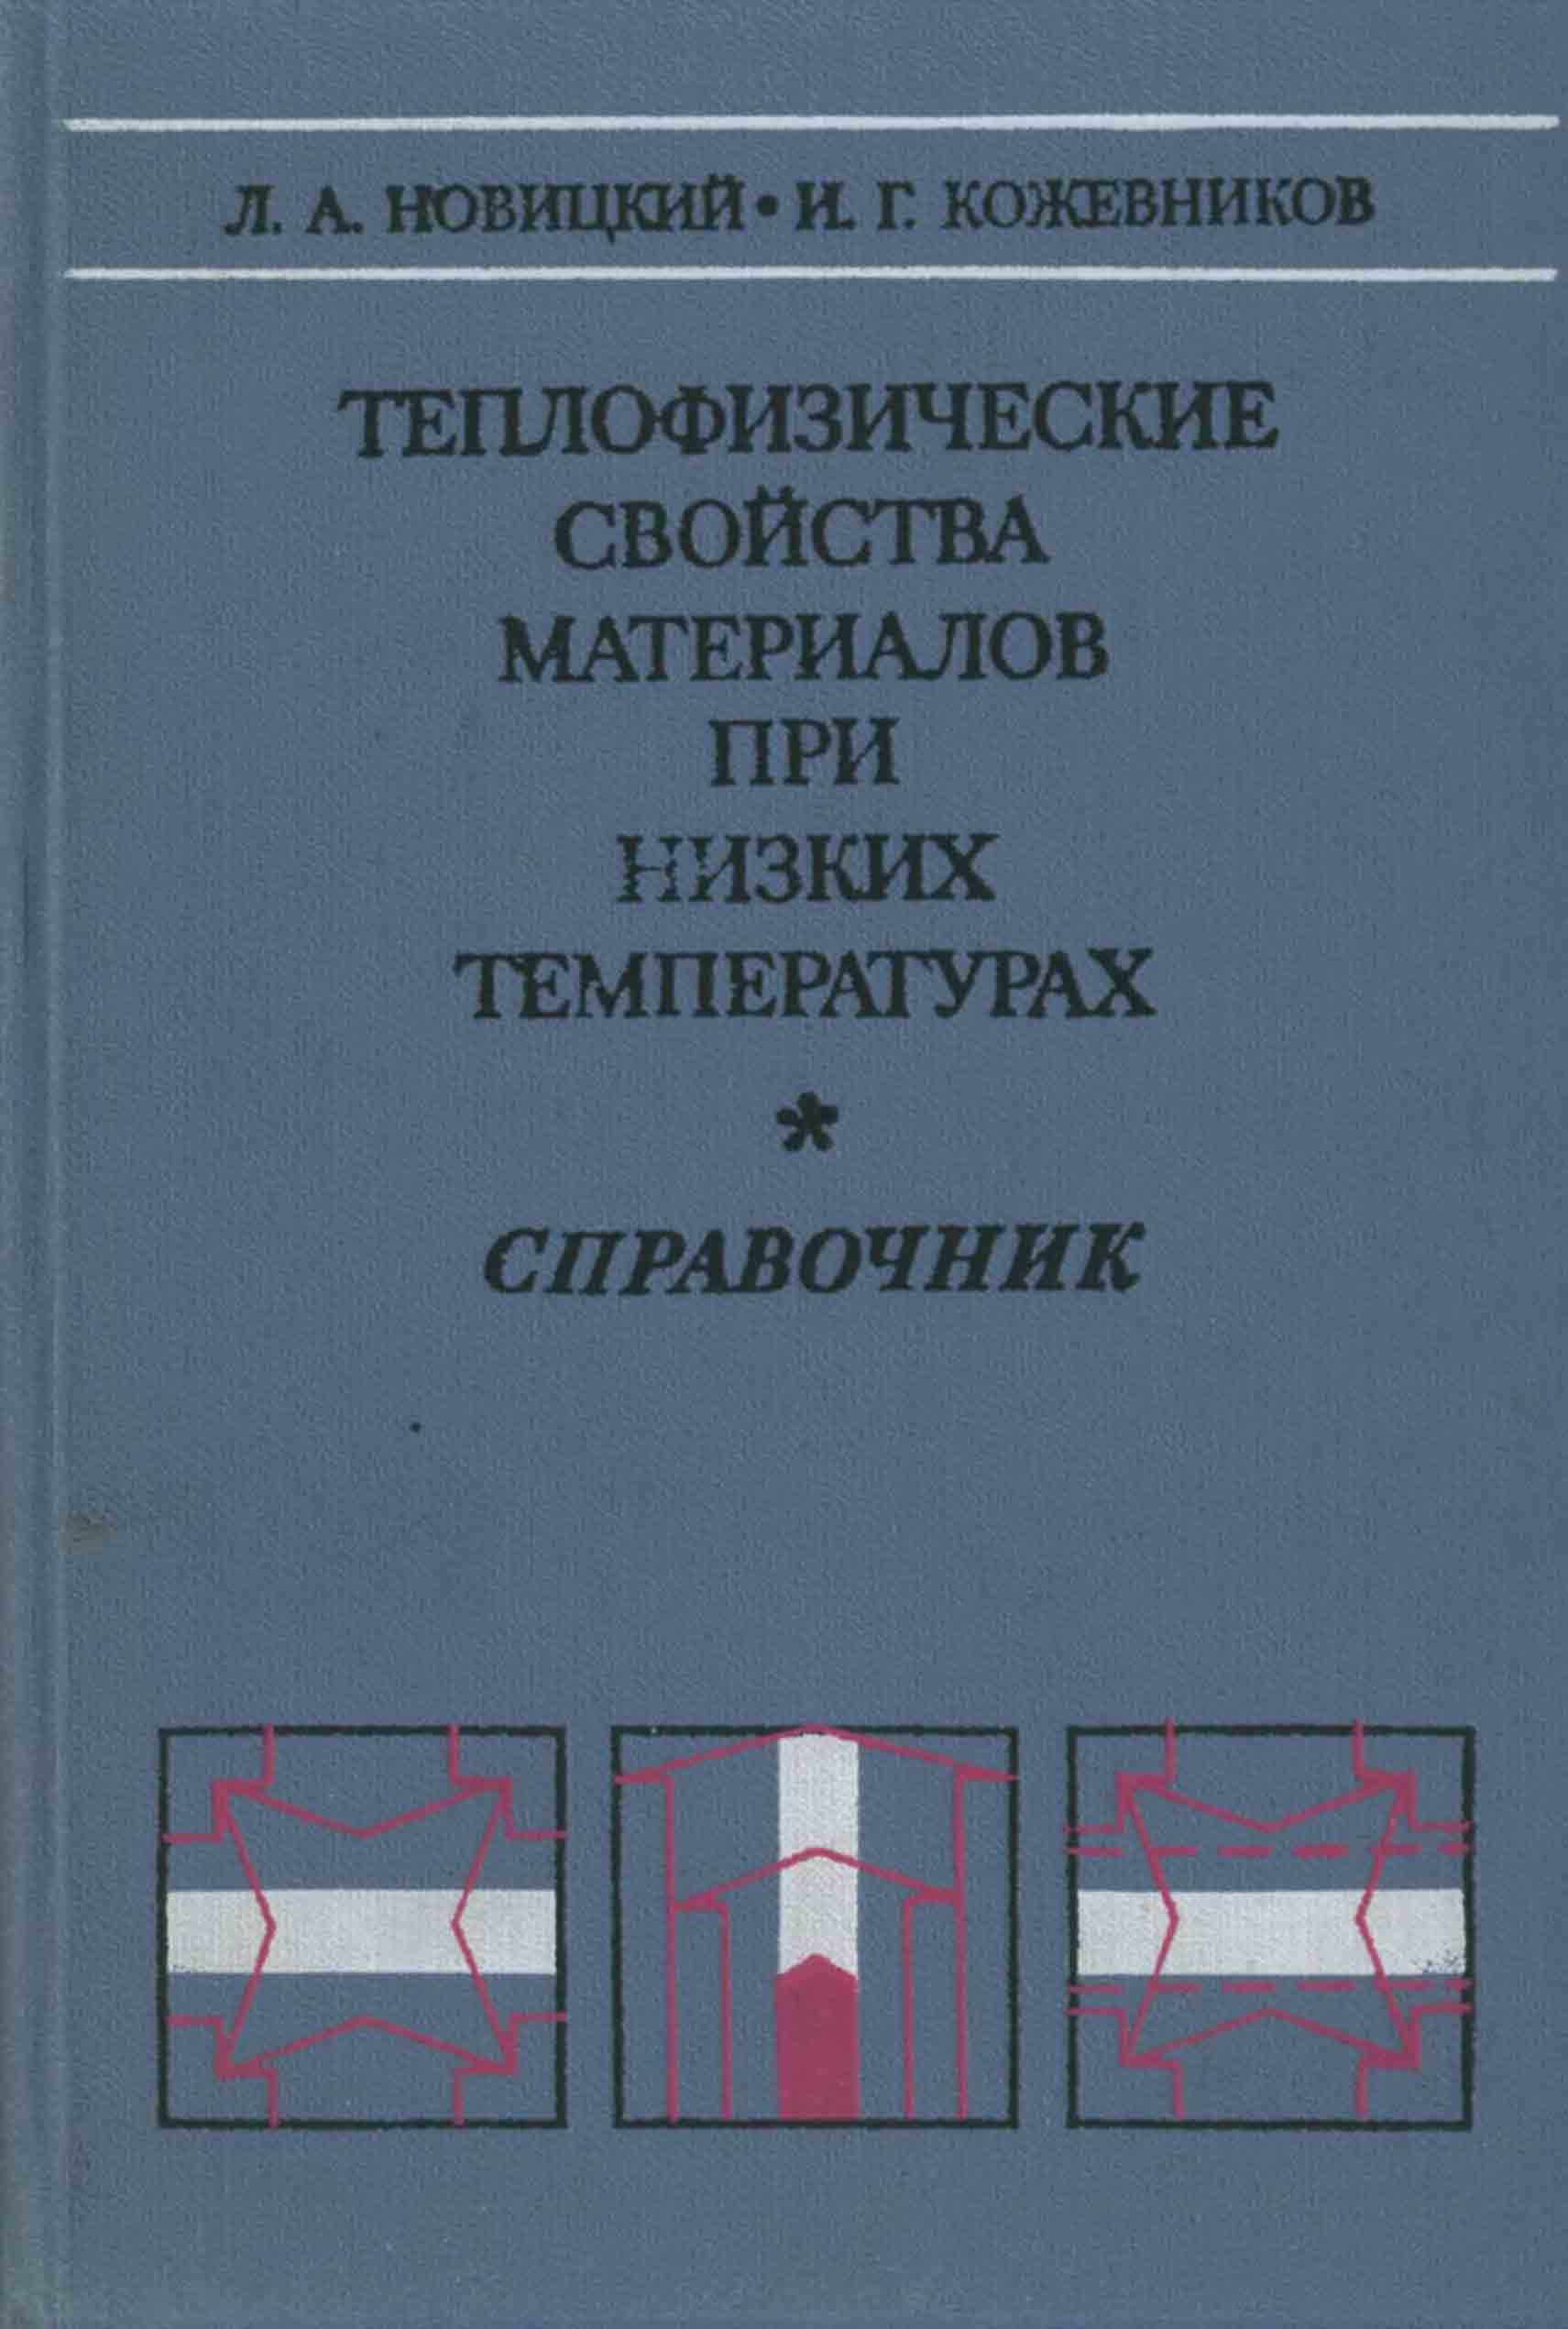 Теплофизические свойства материалов при низких температурах. Справочник.